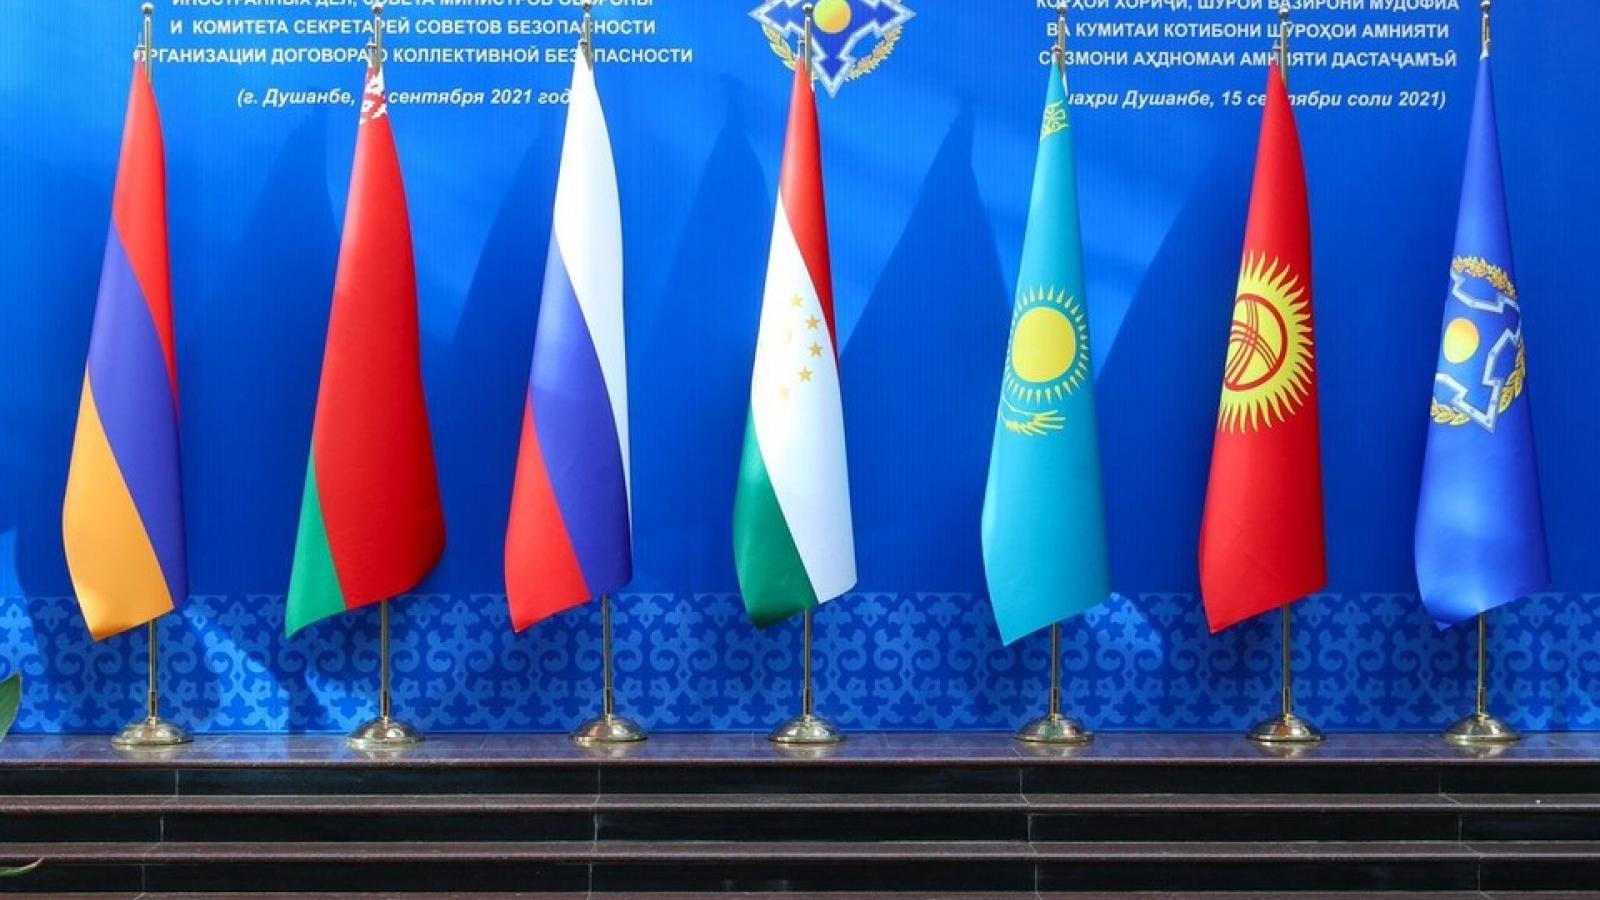 CSTO thỏa thuận thành lập các cơ quan quân sự chung